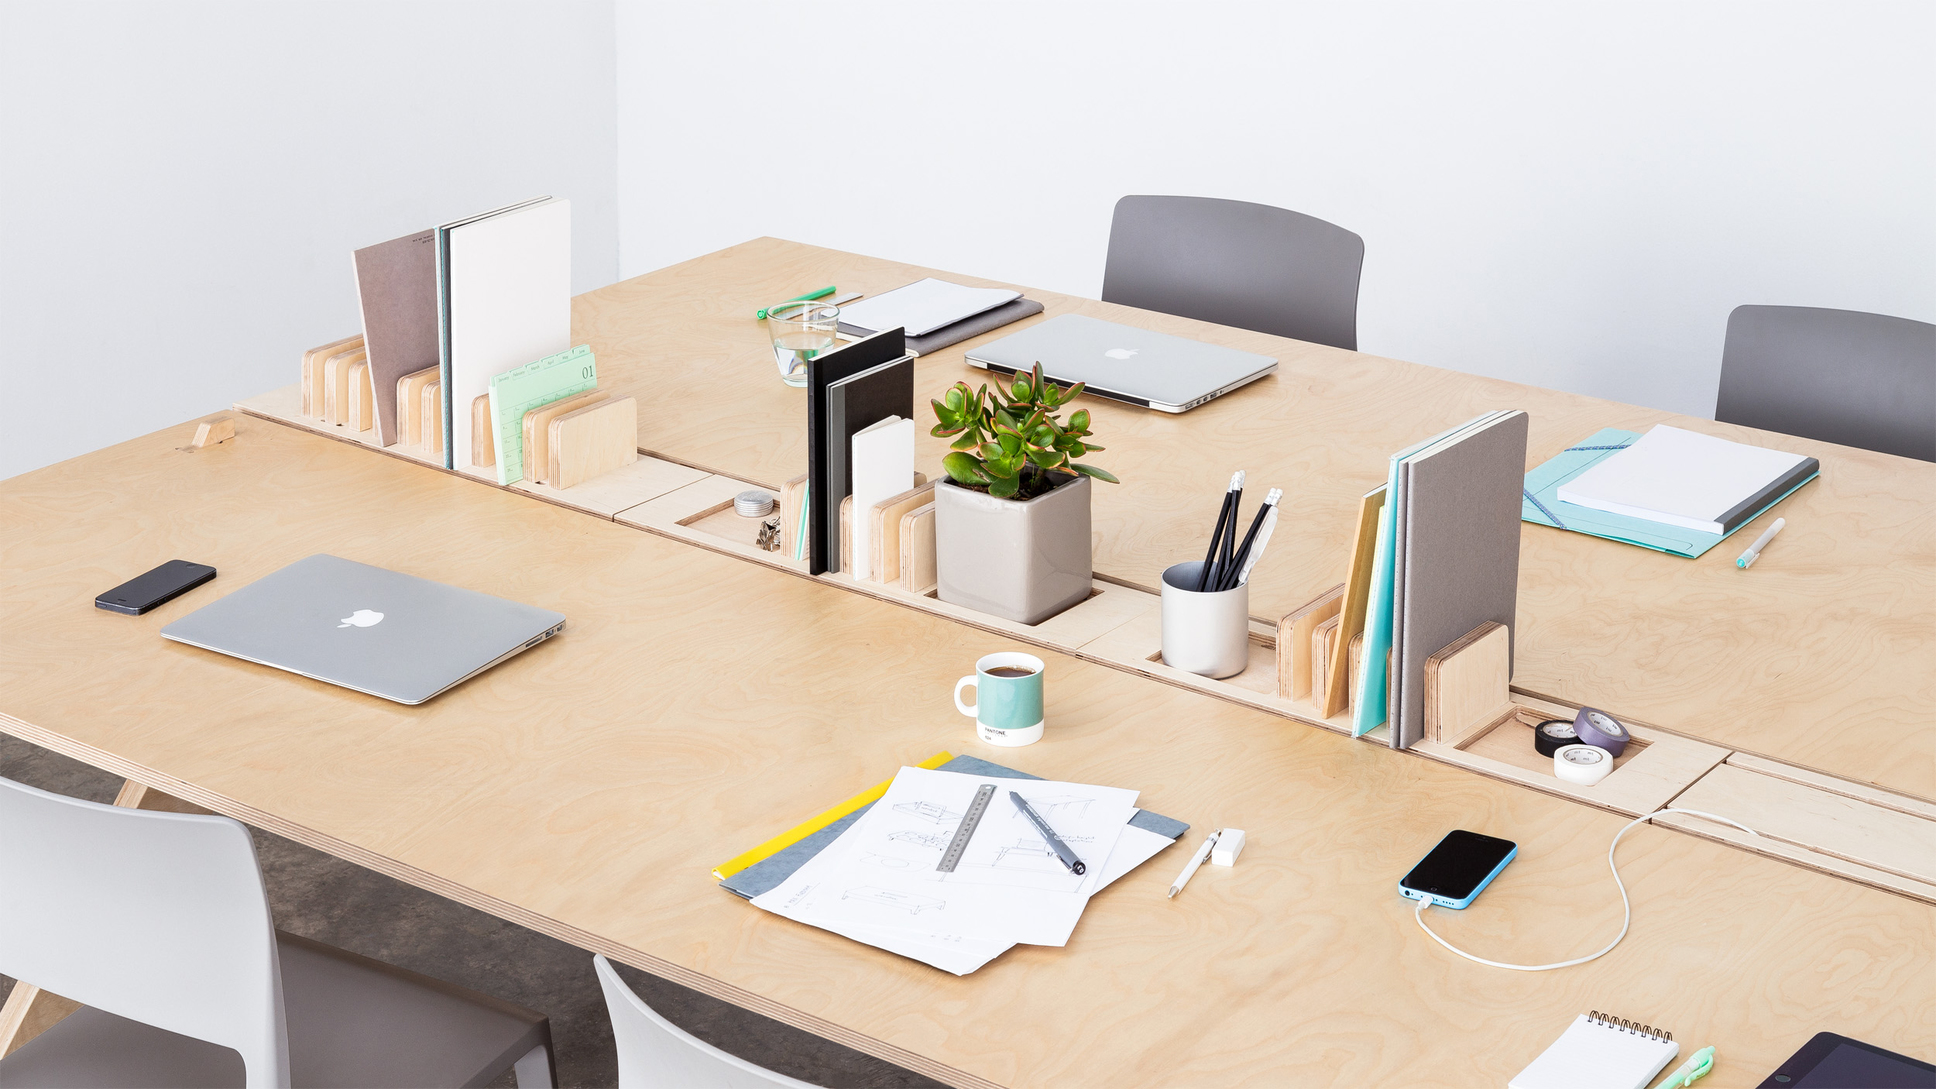 Bureau agile 4 personnes opendesk lean desk openwood for Mobilier bureau 2 personnes